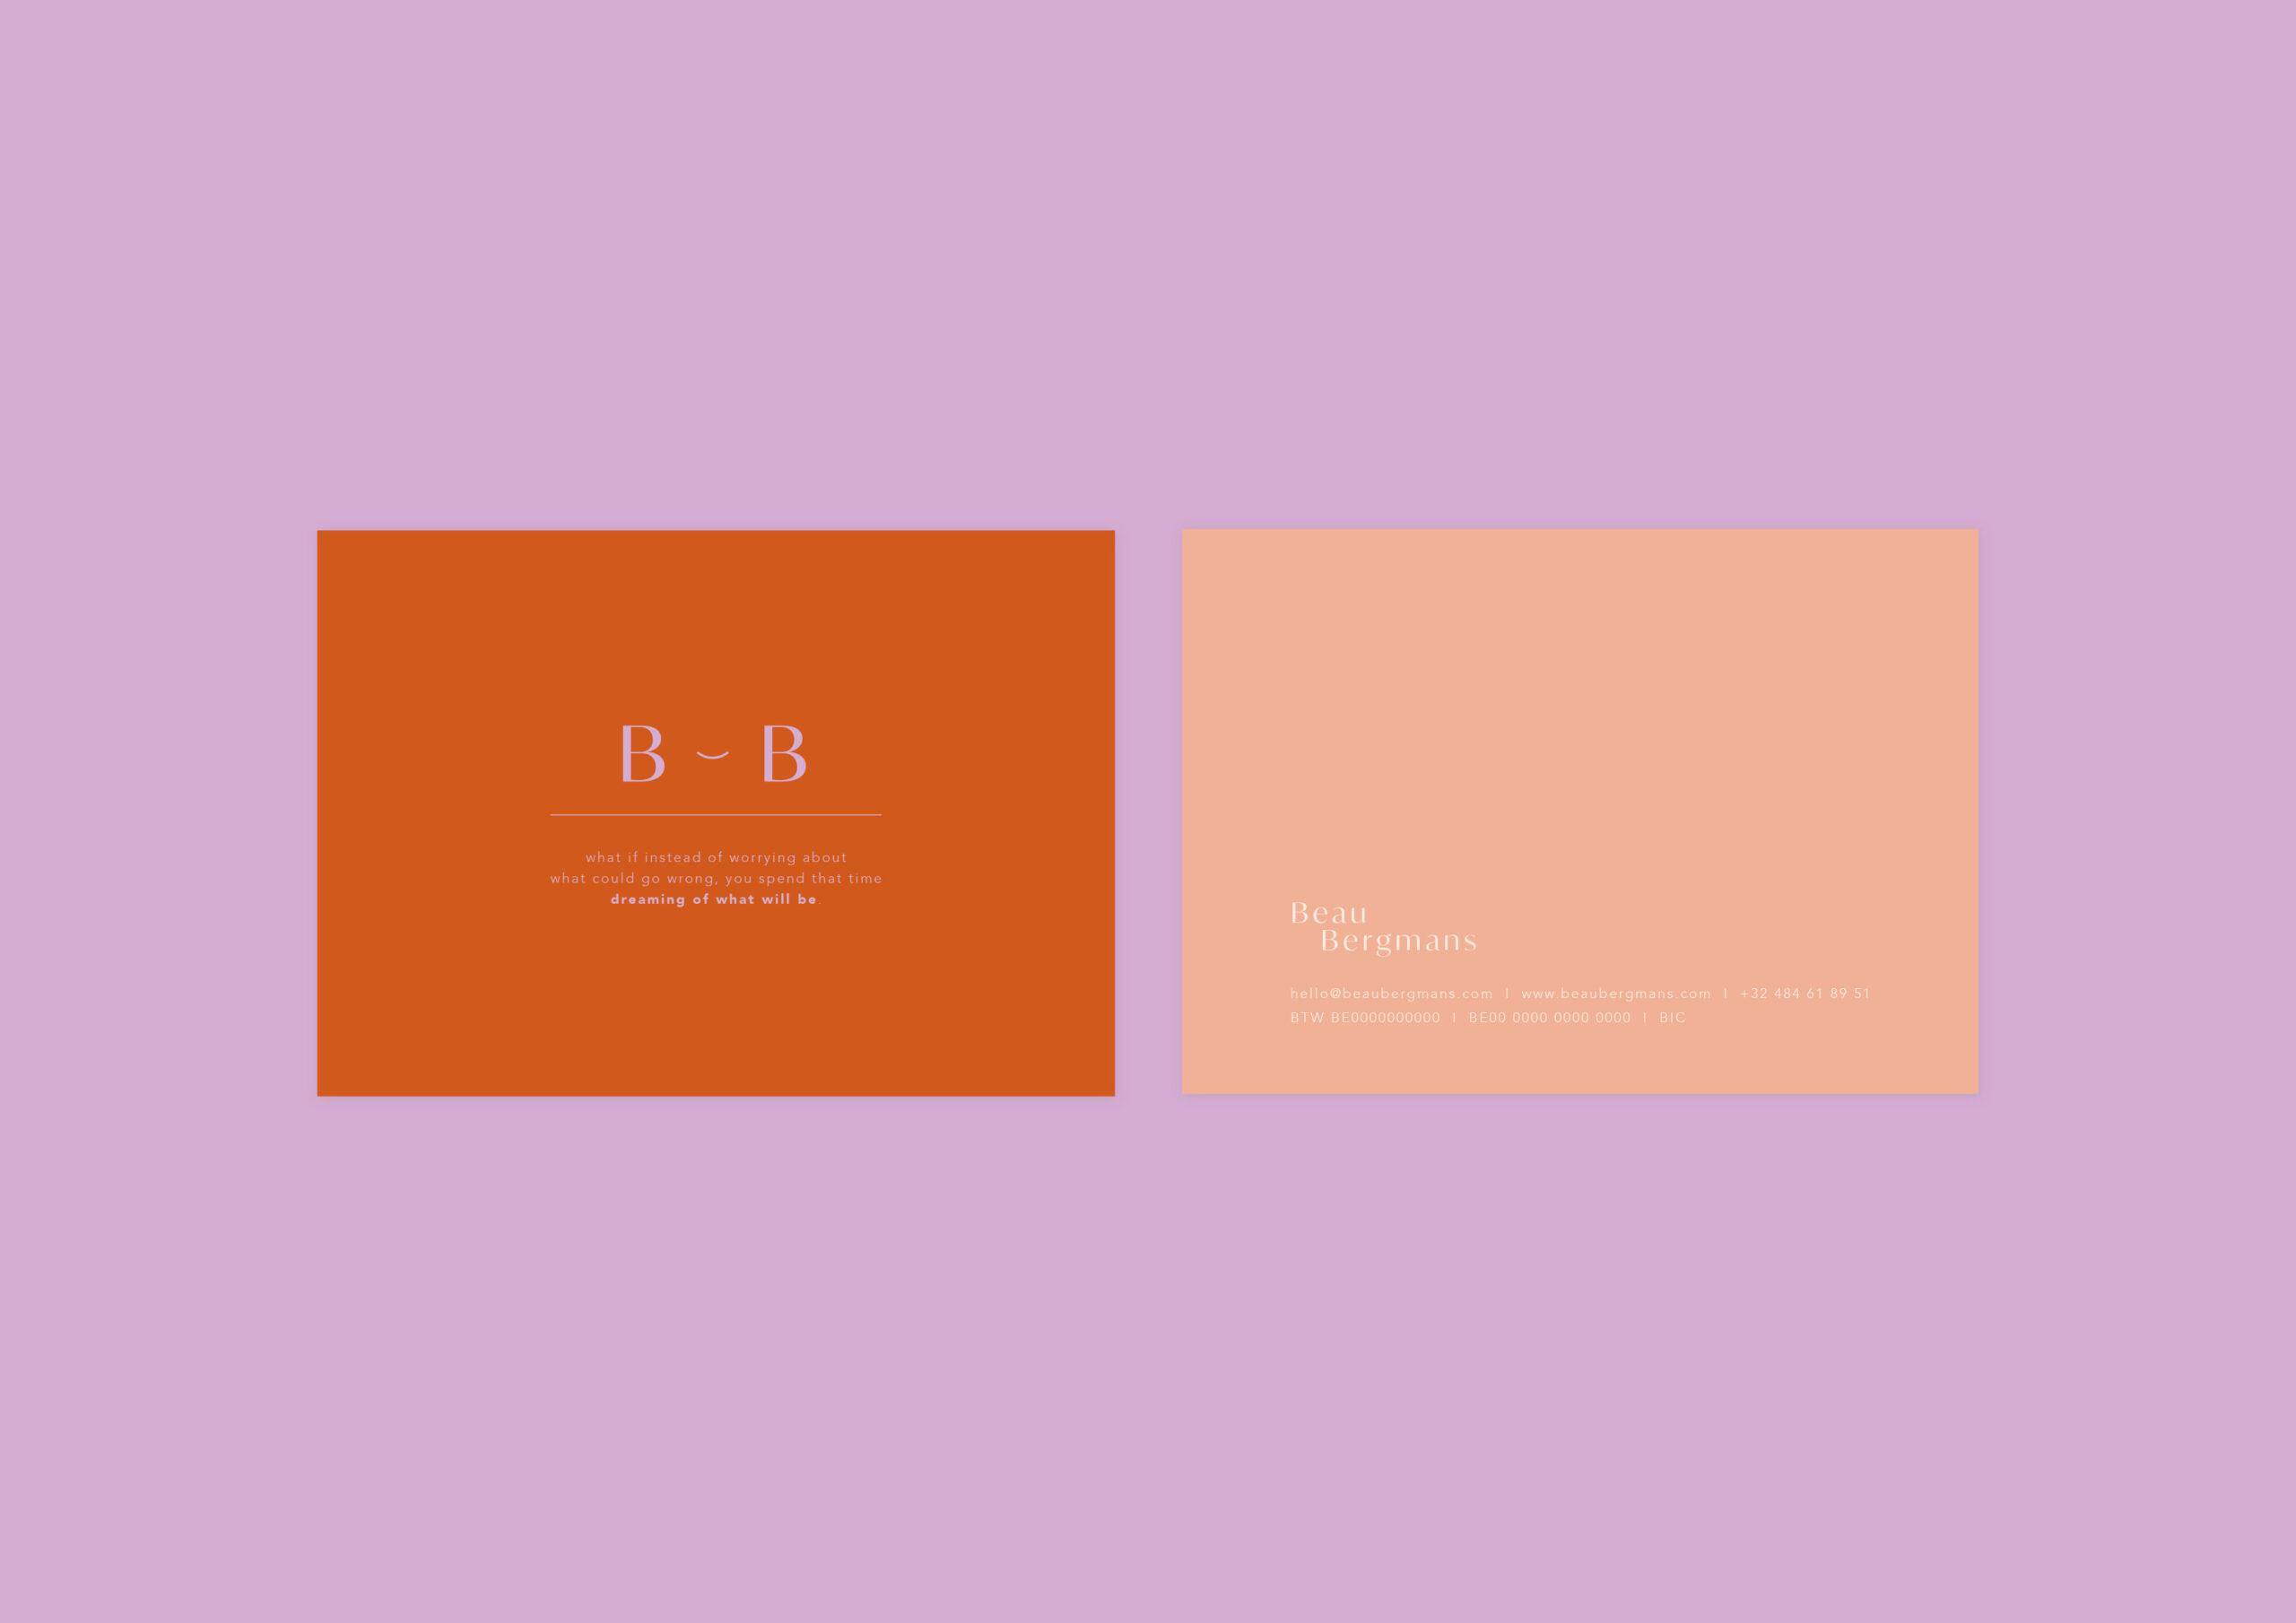 Mount-Zirkel-grafisch-vormgever-beau-bergmans-branding-website-logo-huisstijl-visitekaartjes-postkaart-enveloppe